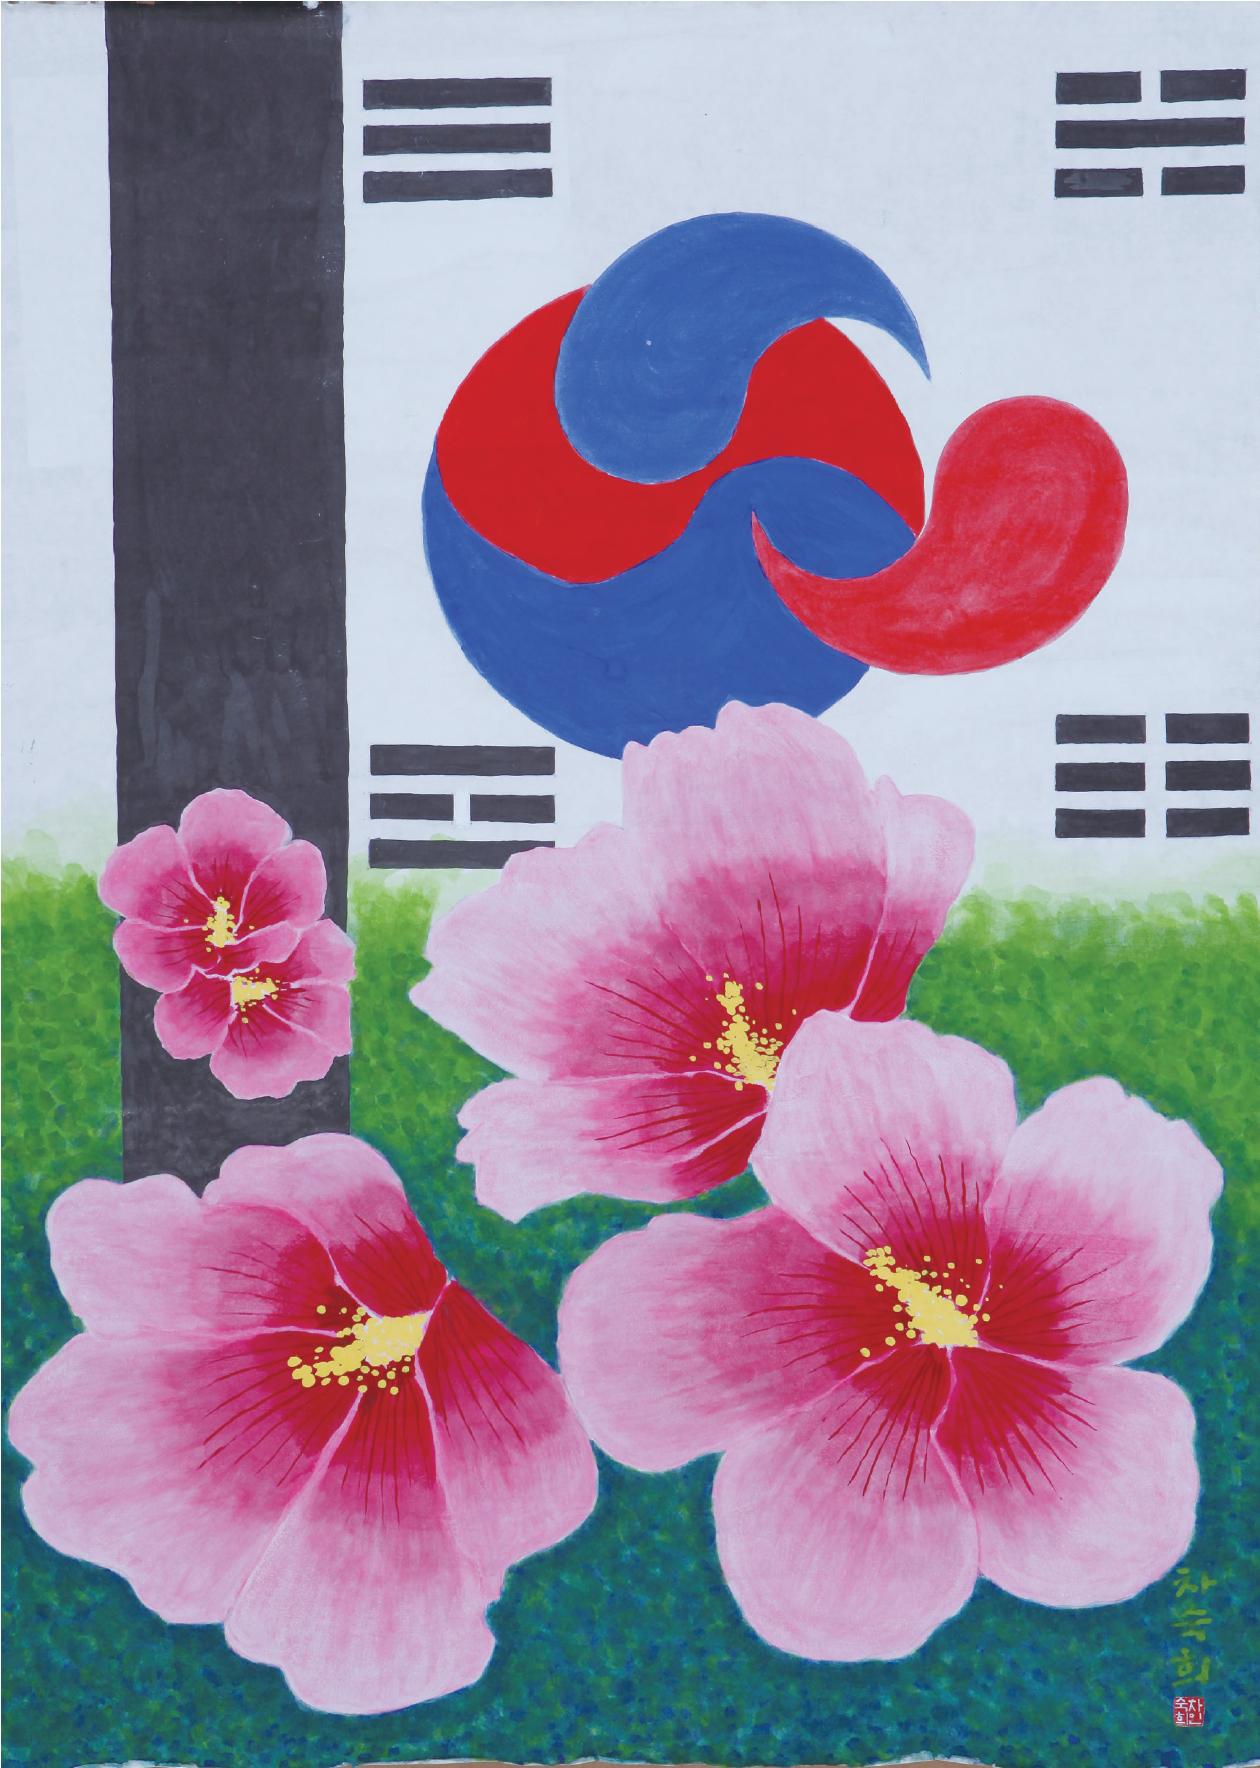 차숙희(한국화)-태극기와 무궁화 민족의 혼